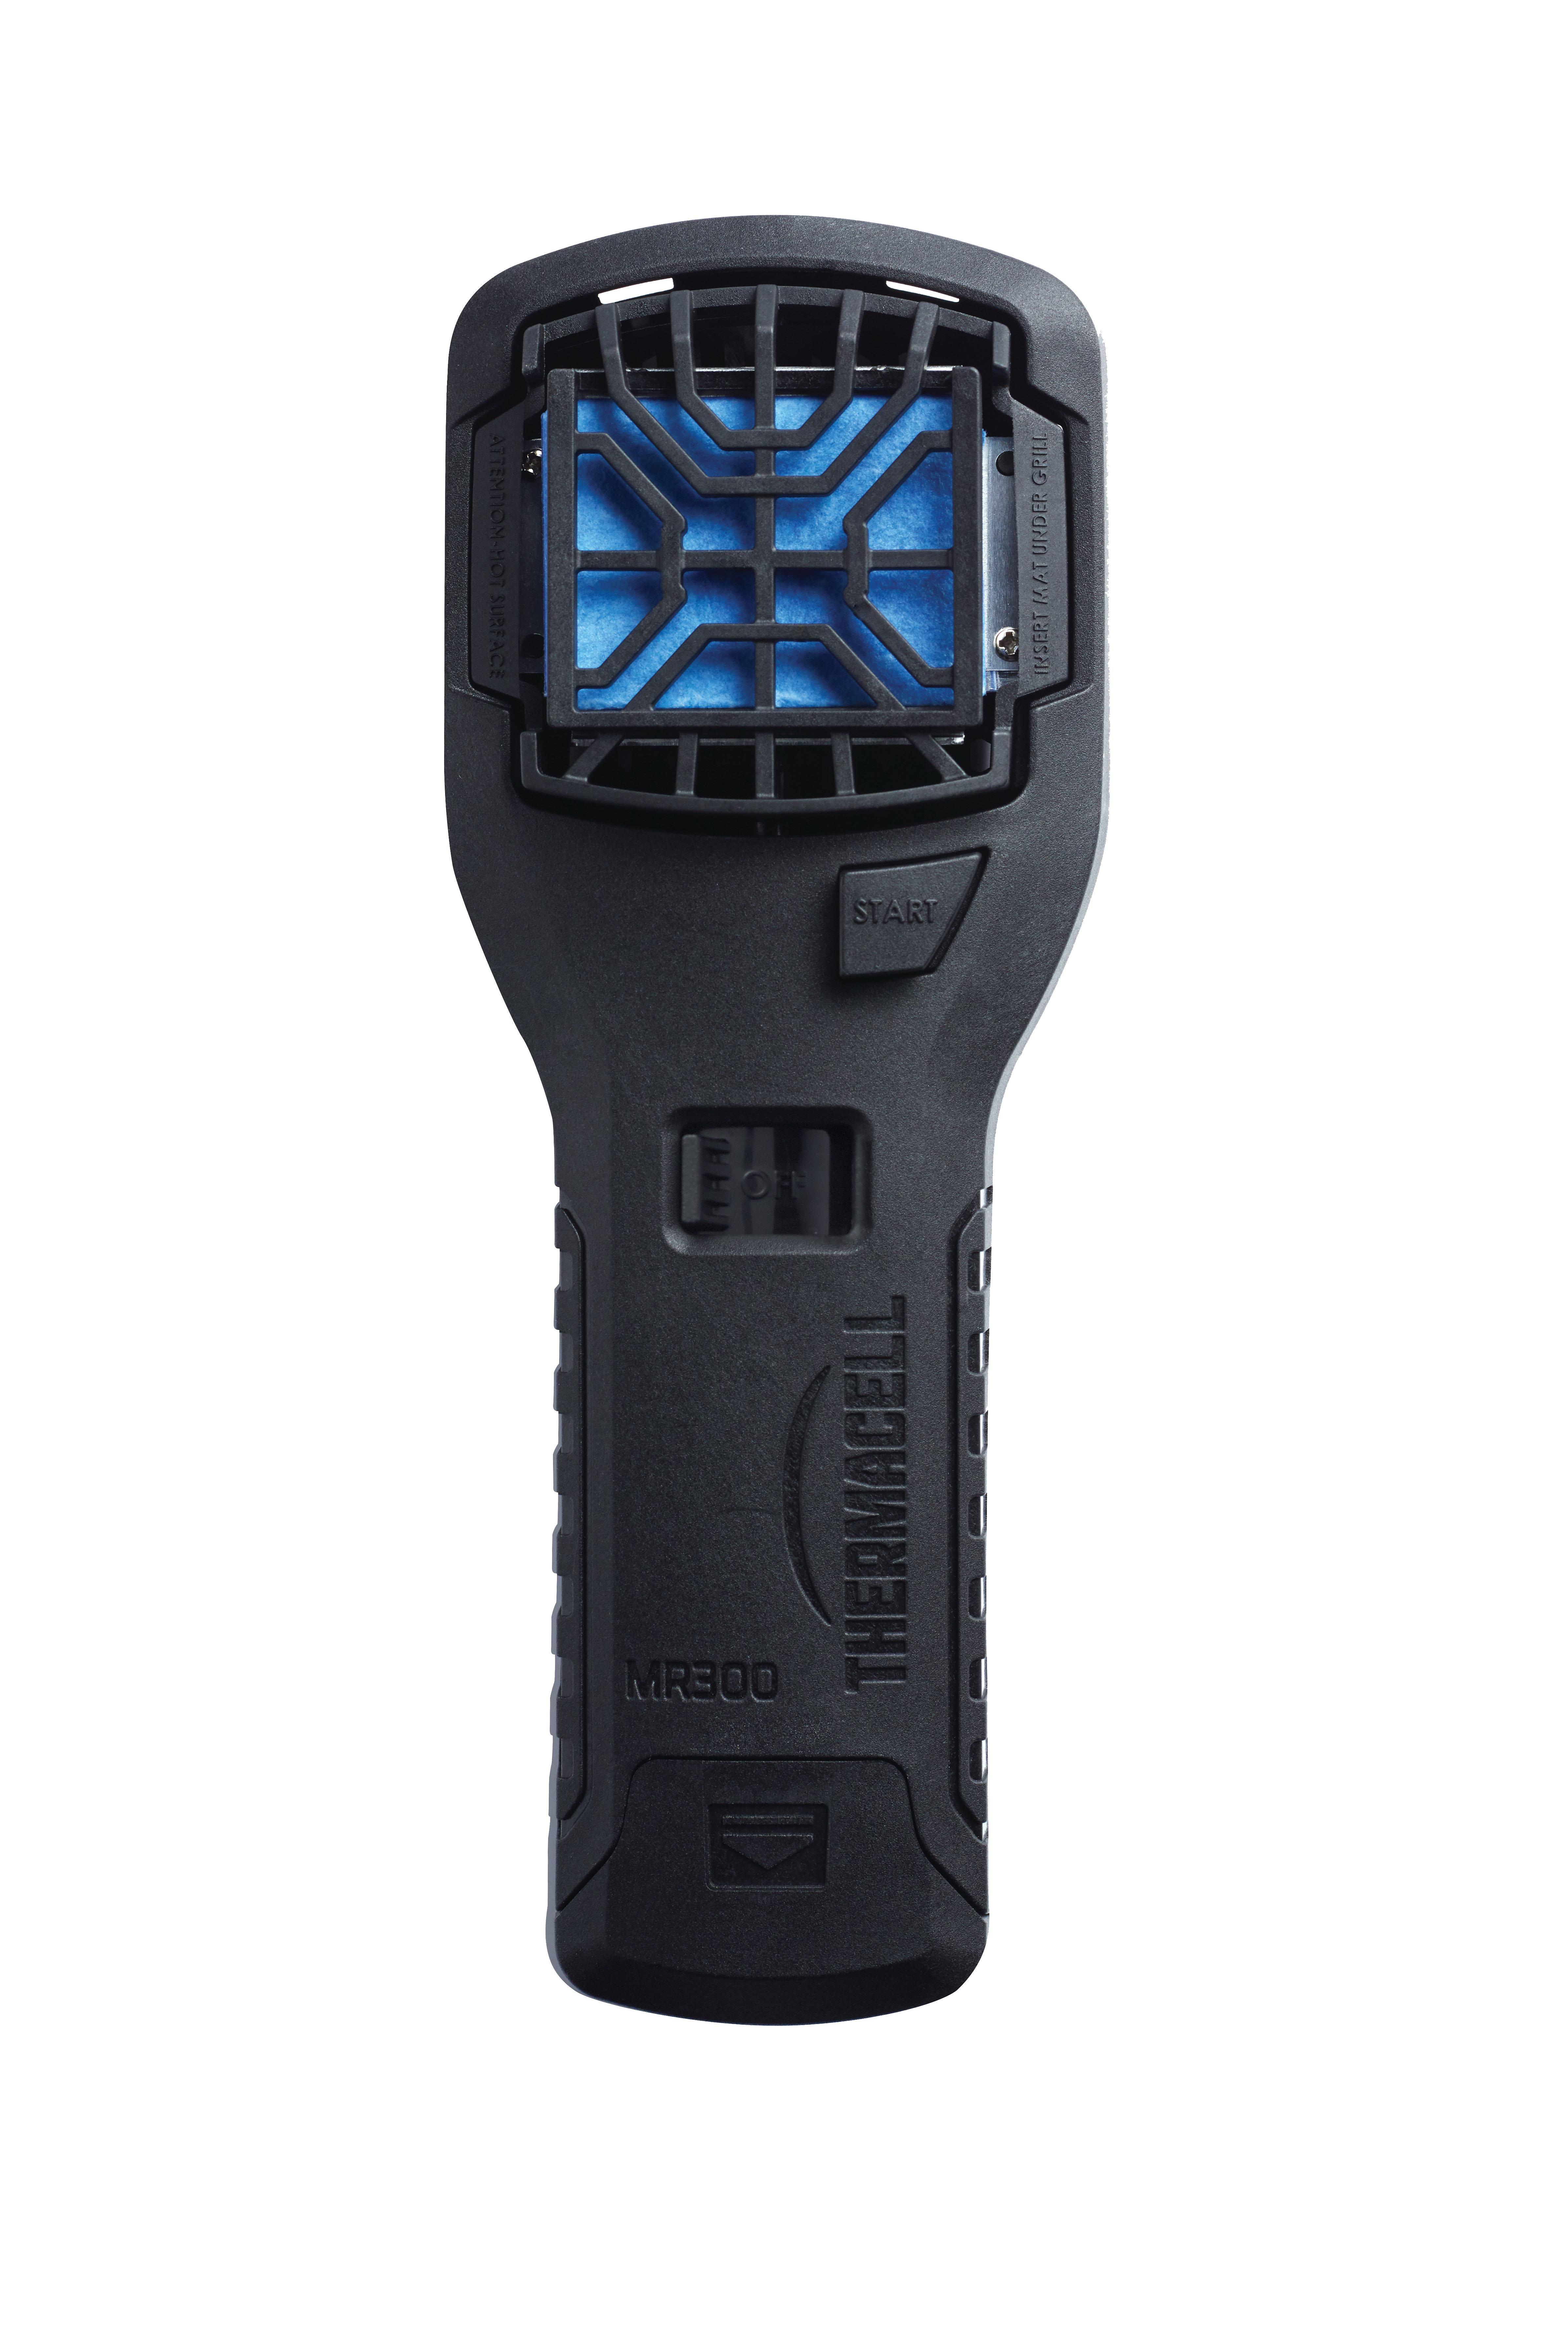 MR300 Mückenabwehr Handgerät - Black